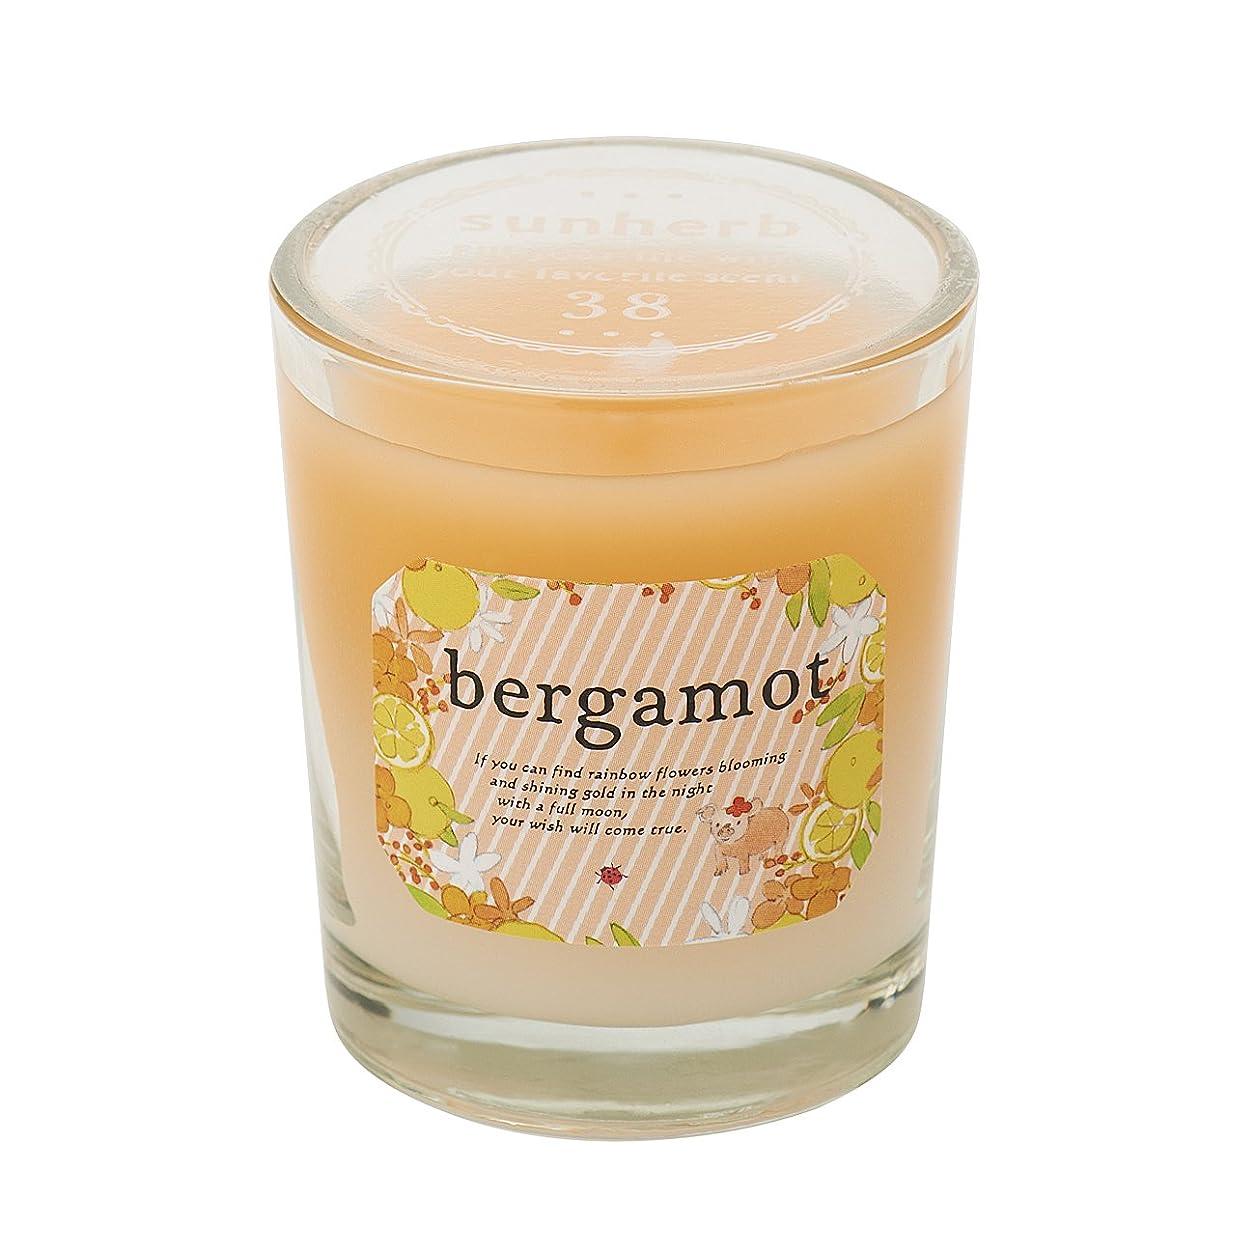 周りギャラントリー健康サンハーブ グラスキャンドル ベルガモット 35g(グラデーションろうそく 燃焼時間約10時間 懐かしい甘酸っぱい香り)